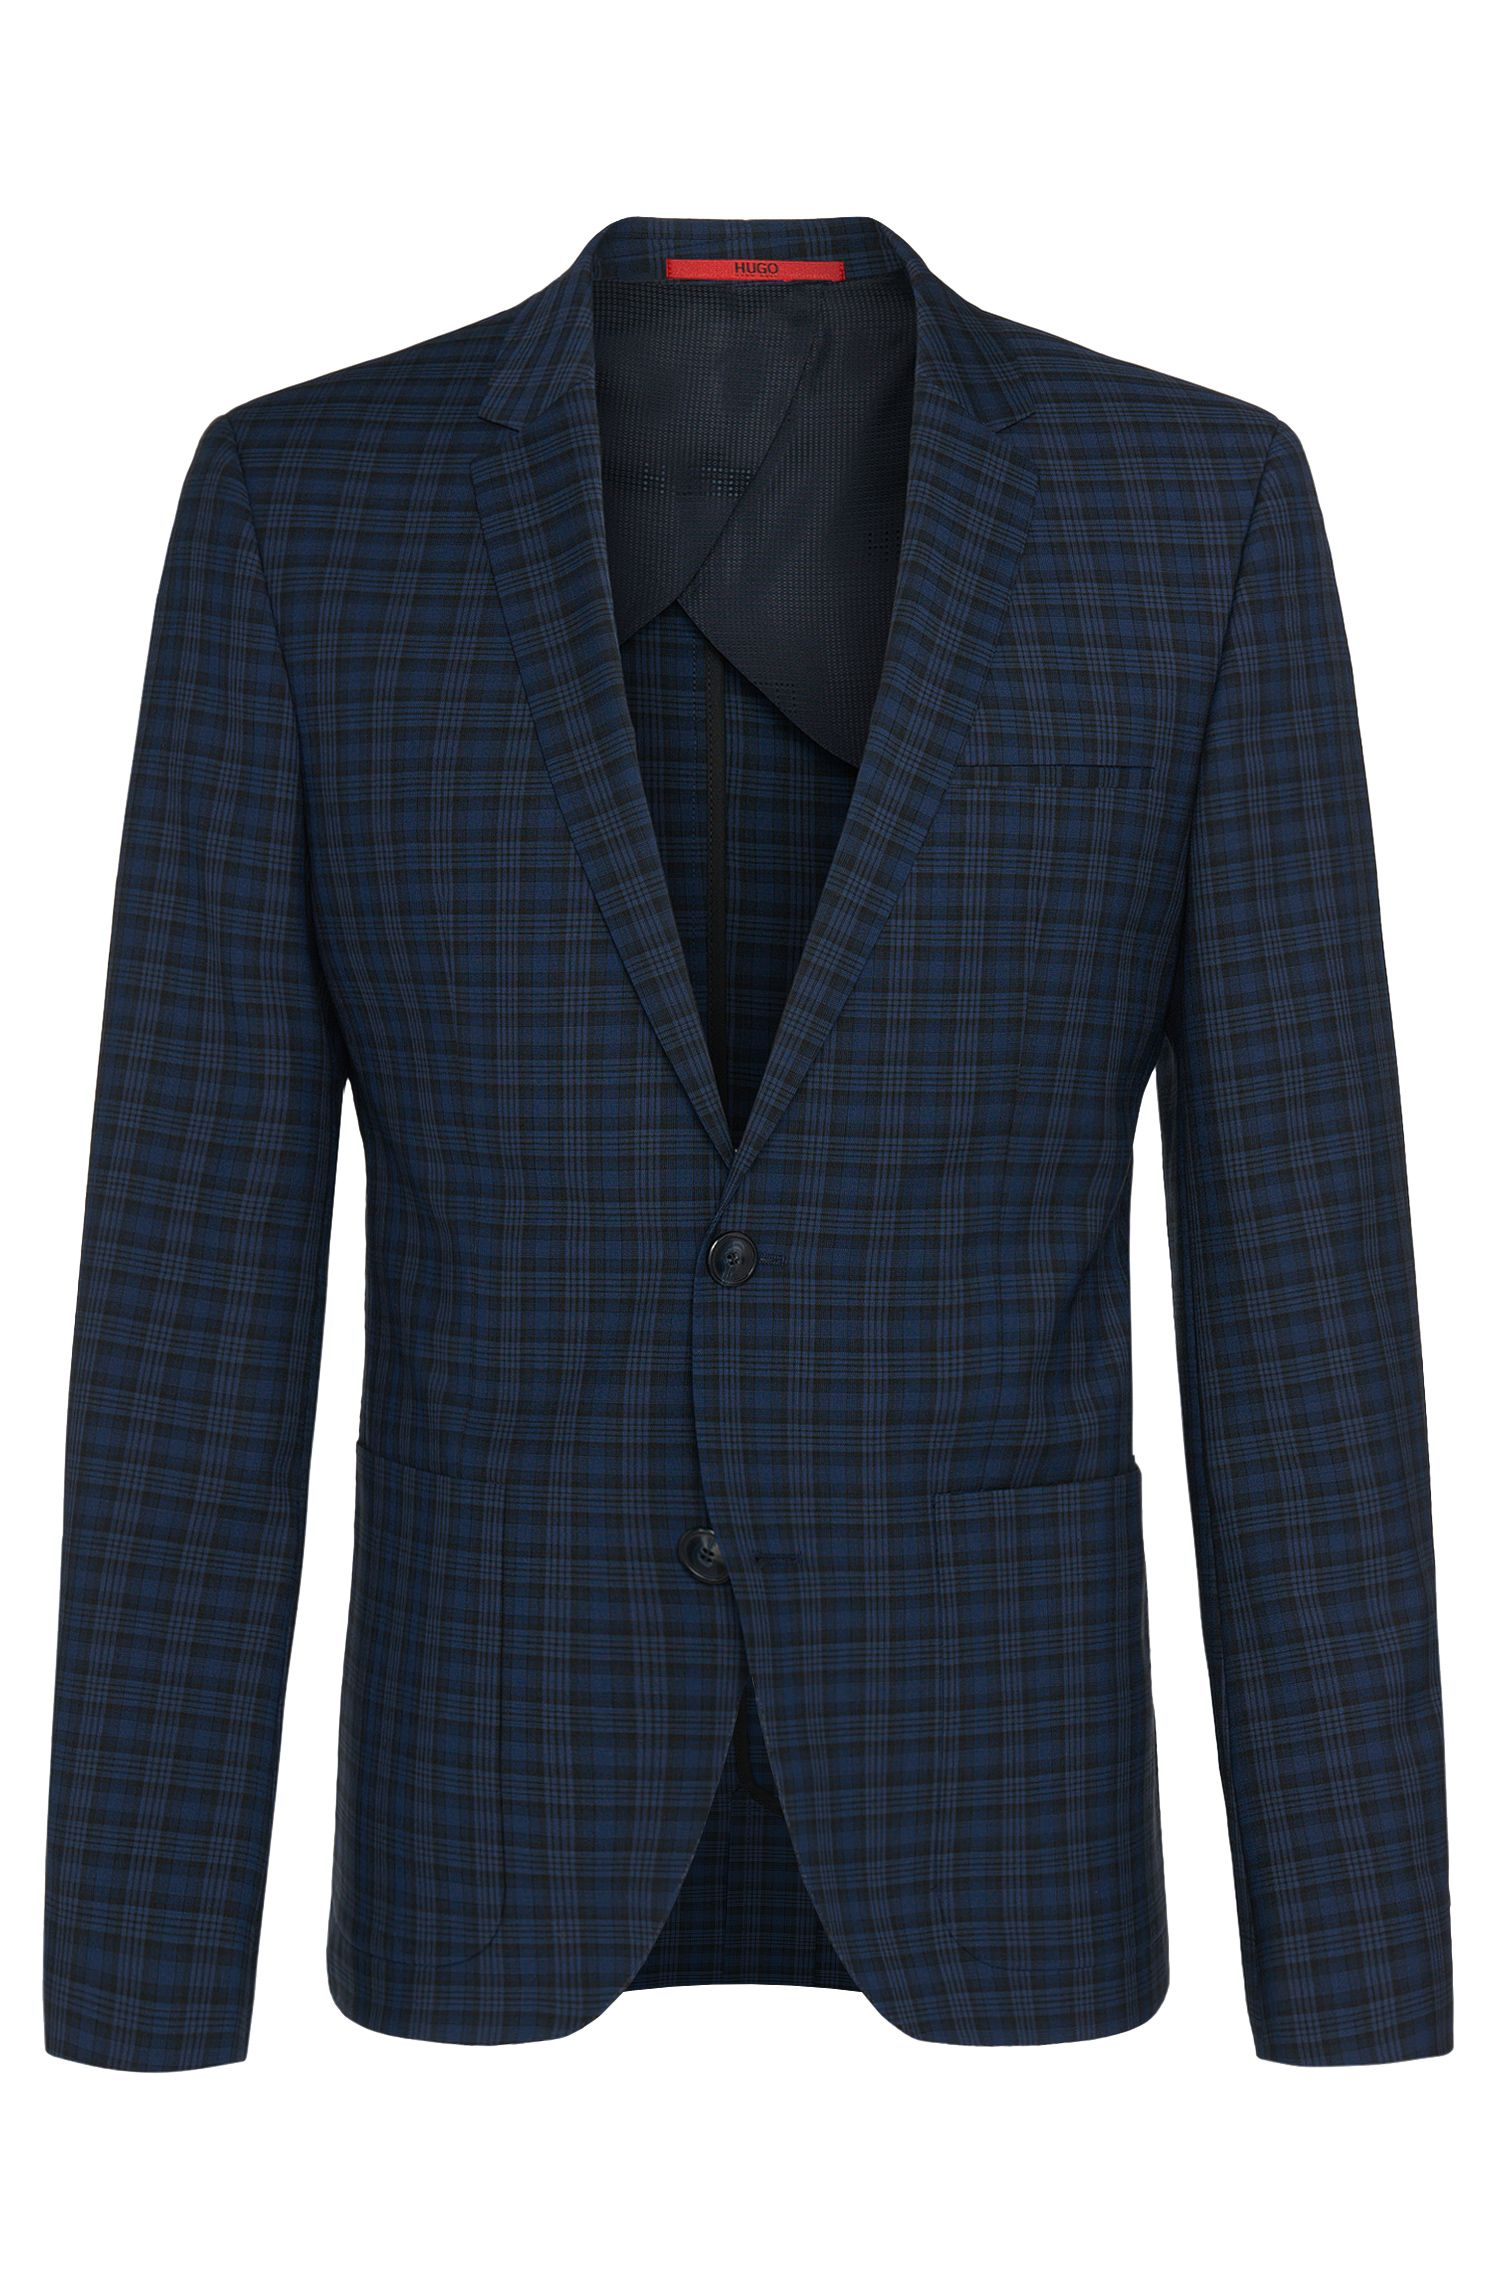 'Alesono' | Slim Fit, Virgin Wool Plaid Sport Coat